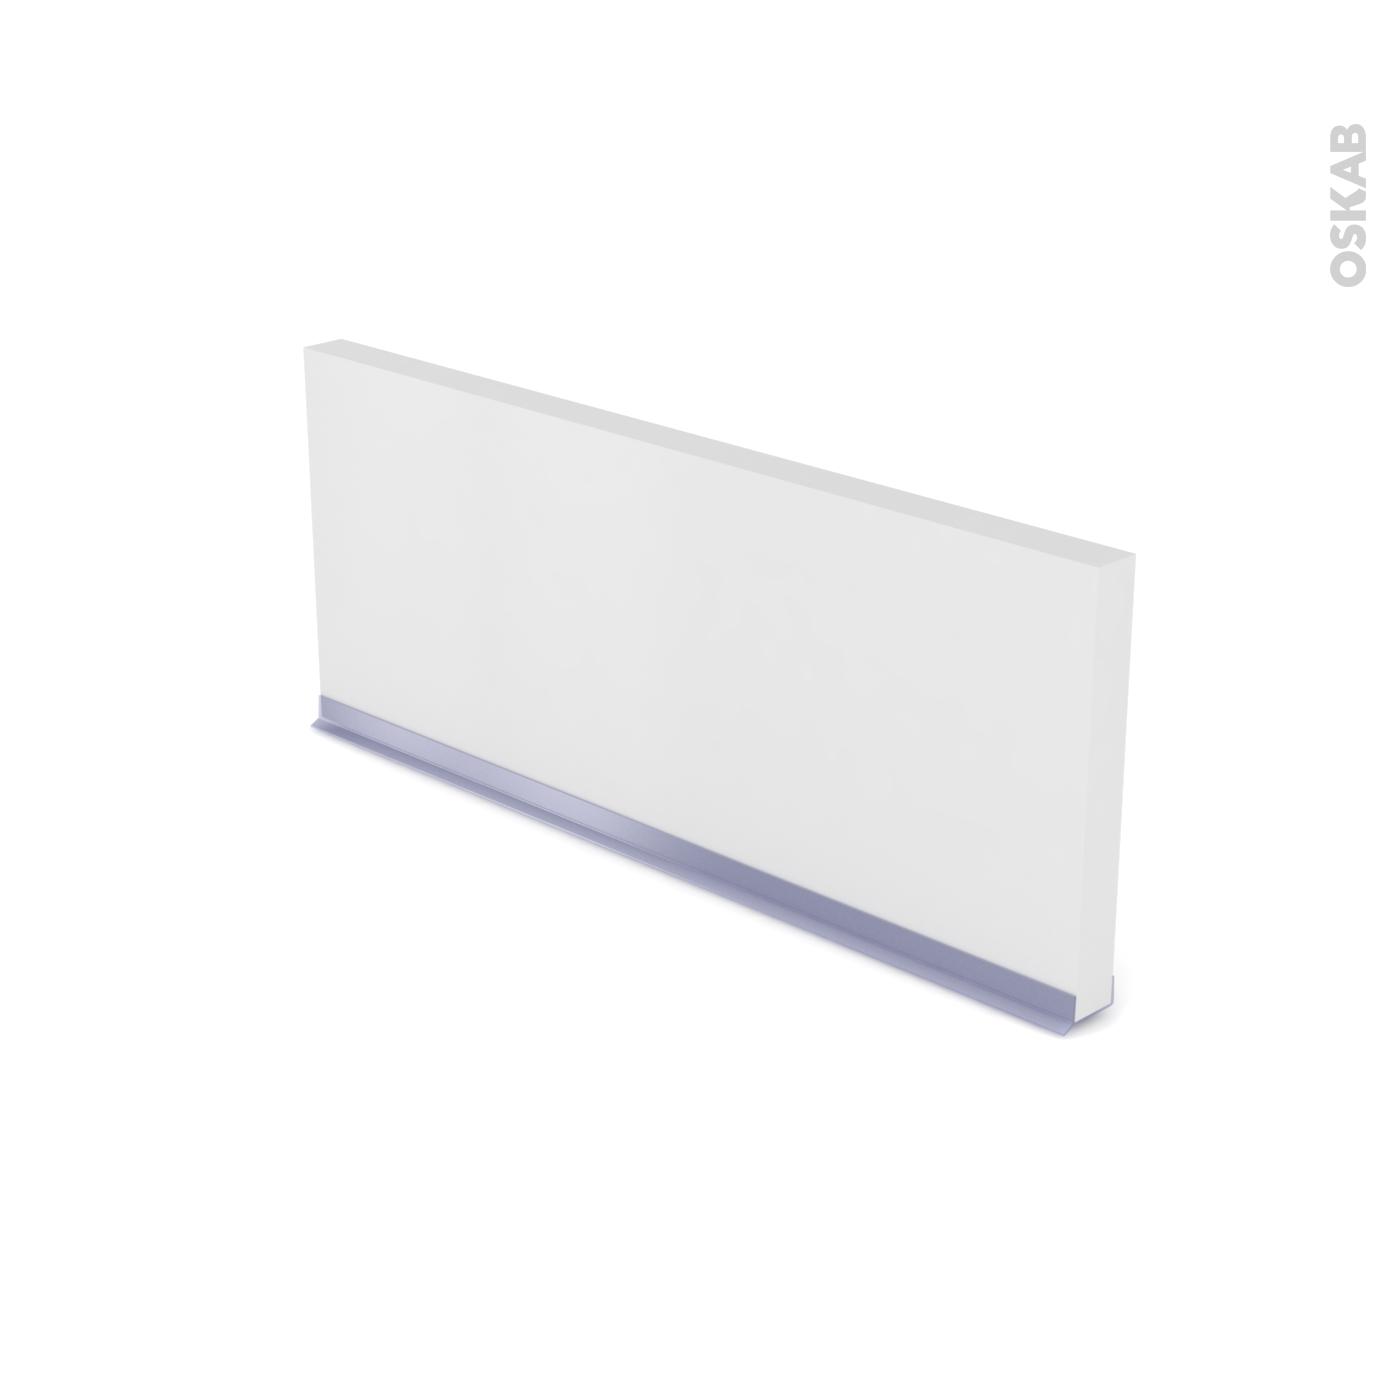 Planche Mélaminé Blanc Castorama plinthe de cuisine ginko blanc avec joint d'étanchéité, l220xh15,4 cm